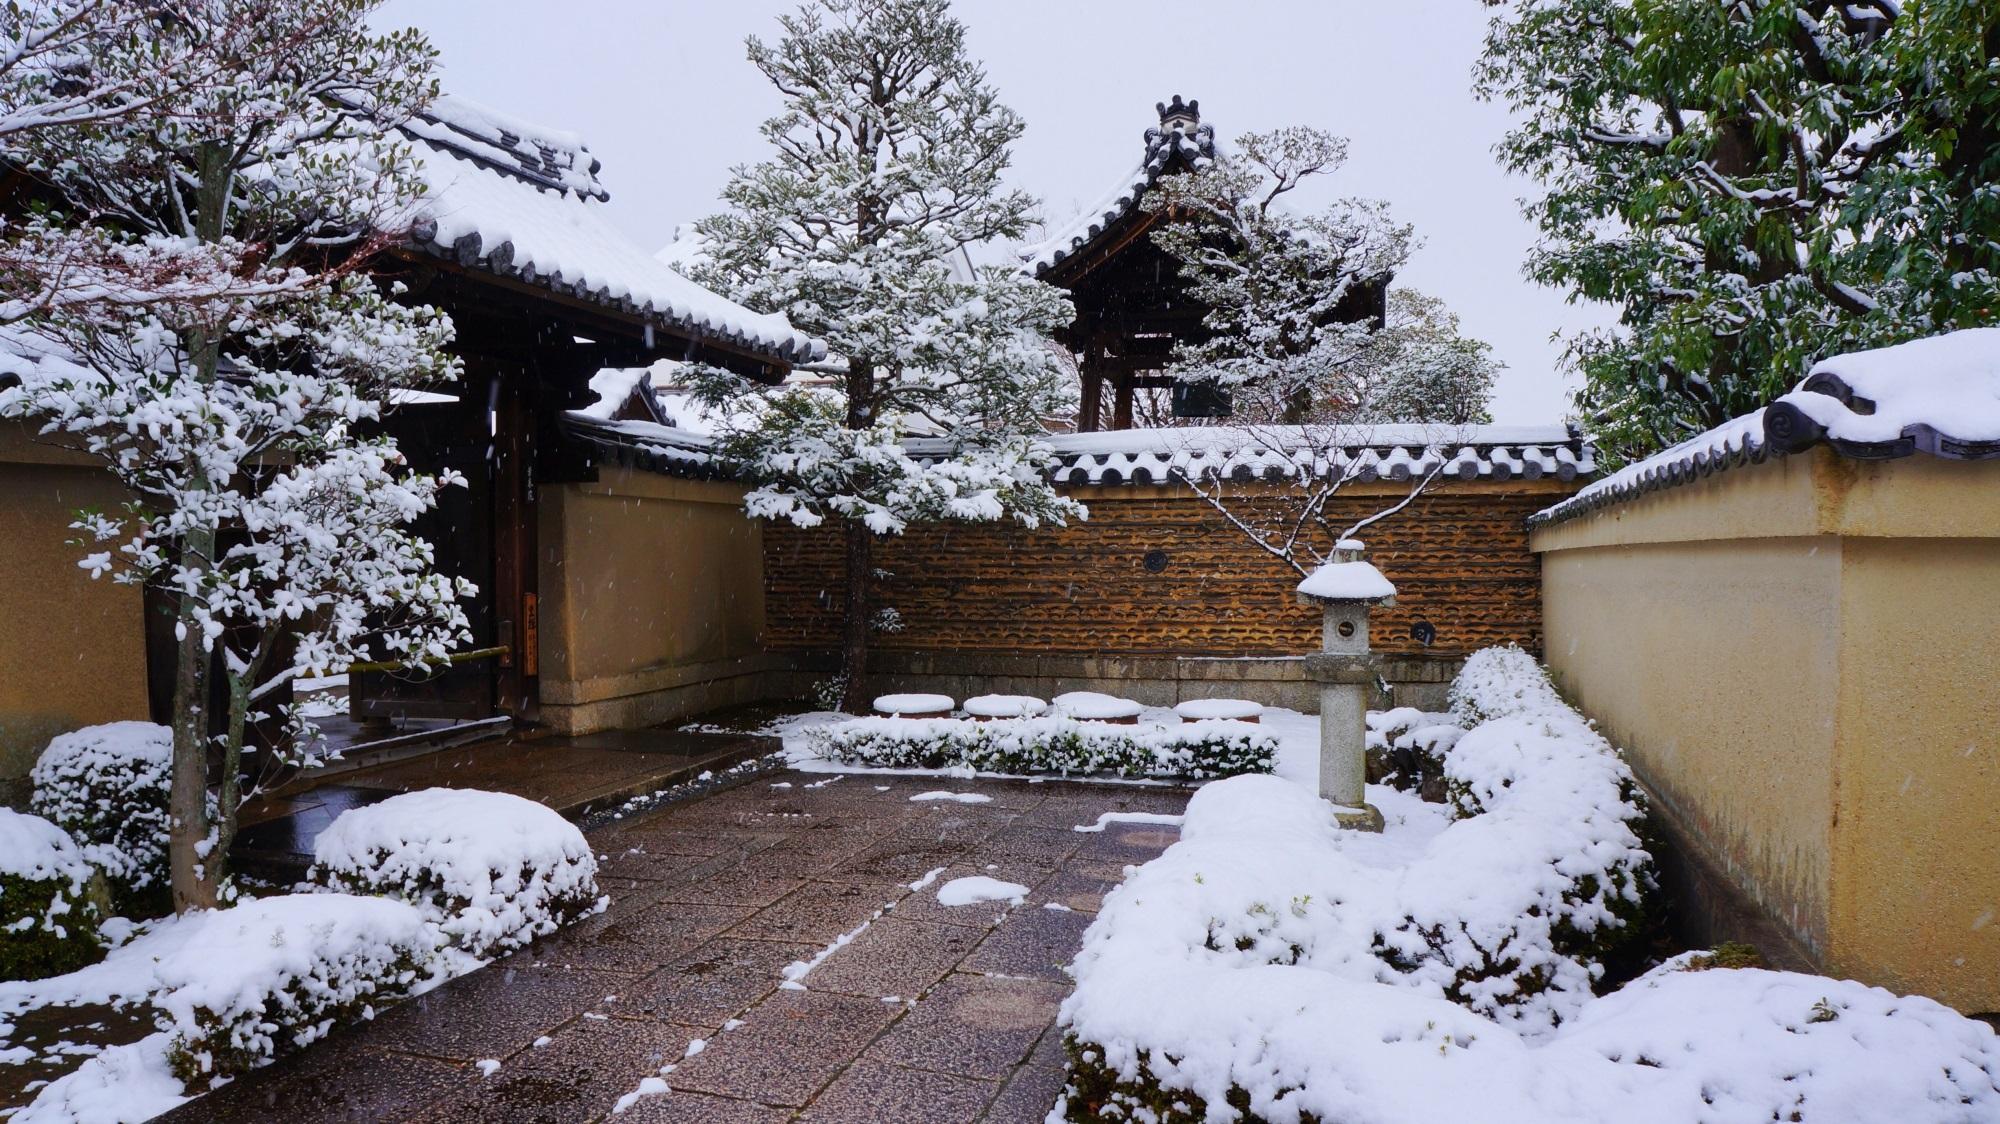 芳春院 雪 風情ある参道と土塀の冬景色